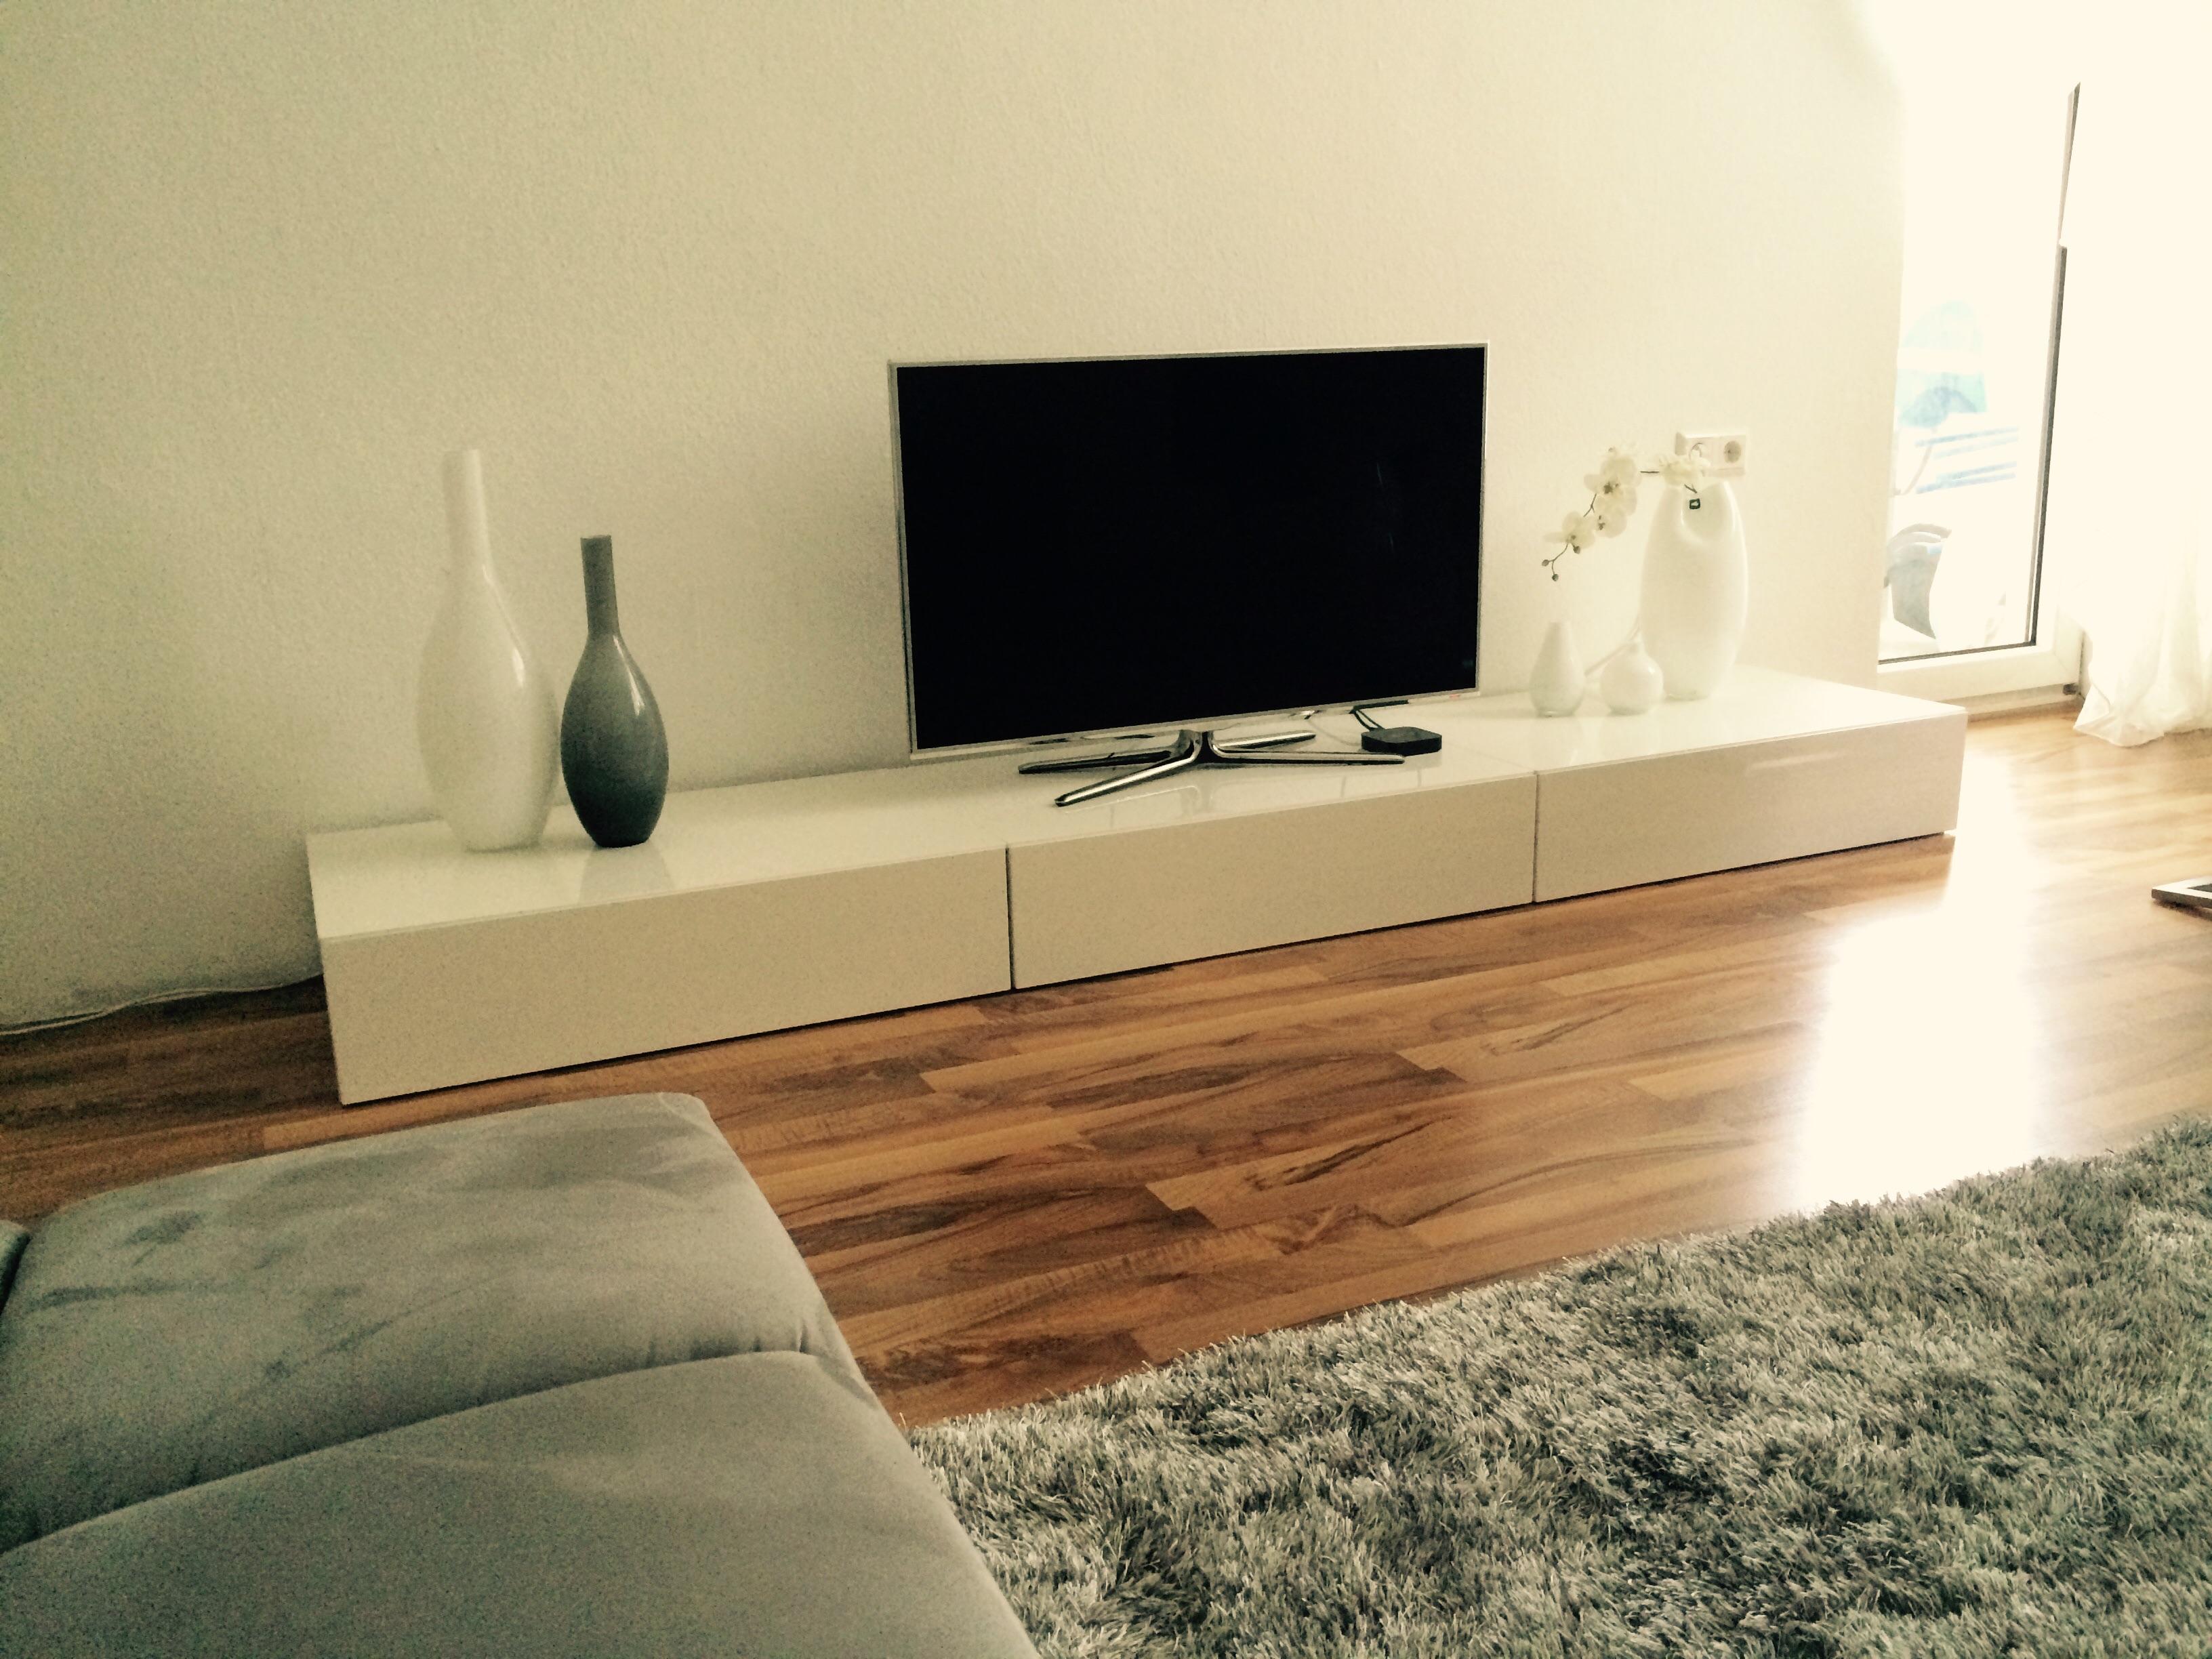 lowboards aufh ngen m bel material baumarkt. Black Bedroom Furniture Sets. Home Design Ideas